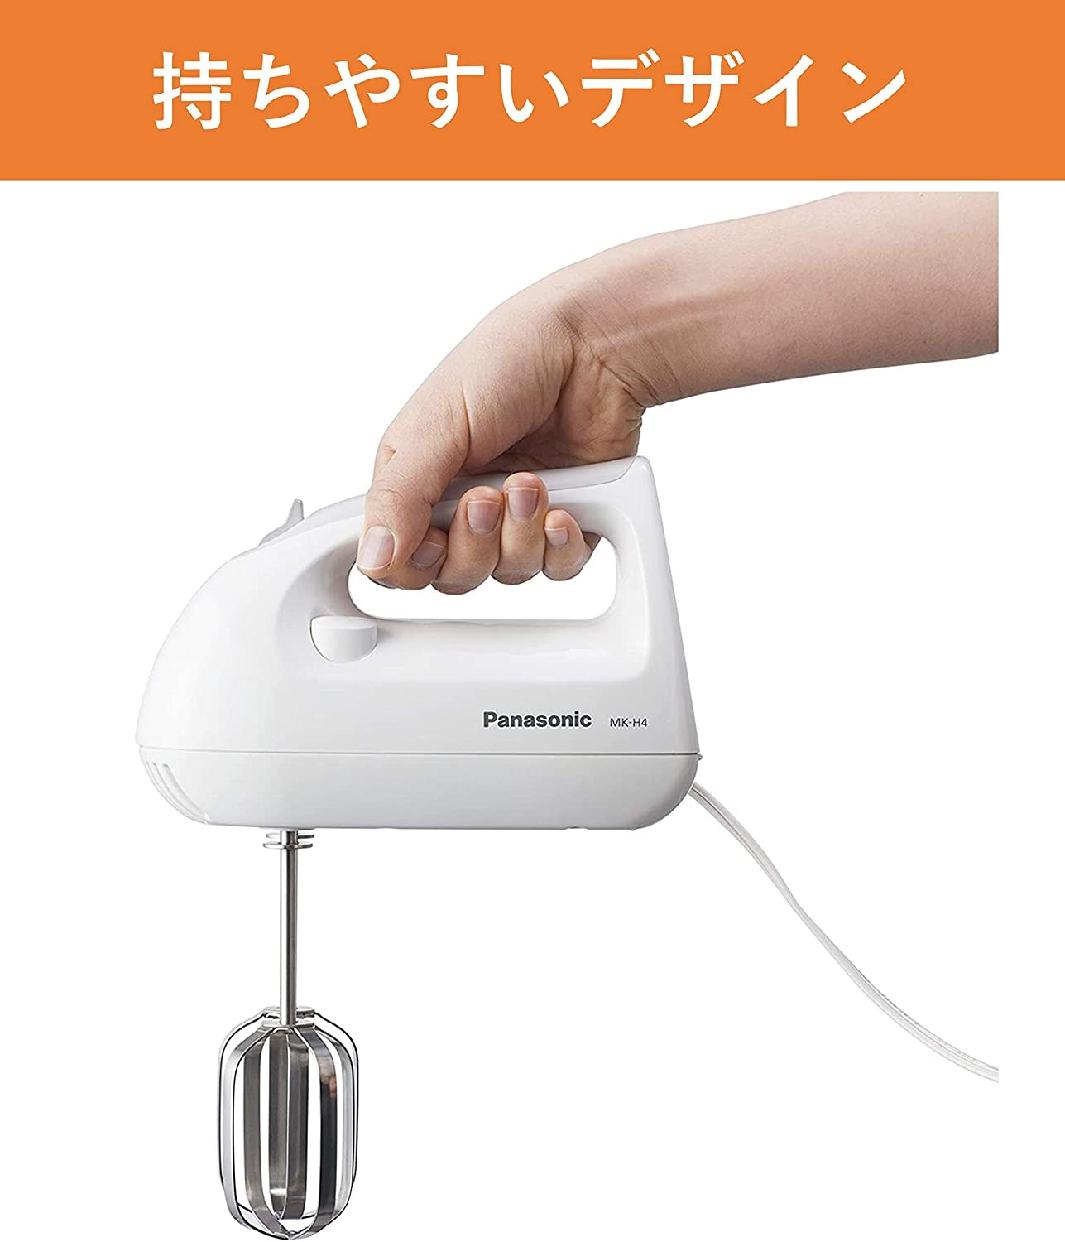 Panasonic(パナソニック) ハンドミキサー MK-H4の商品画像3